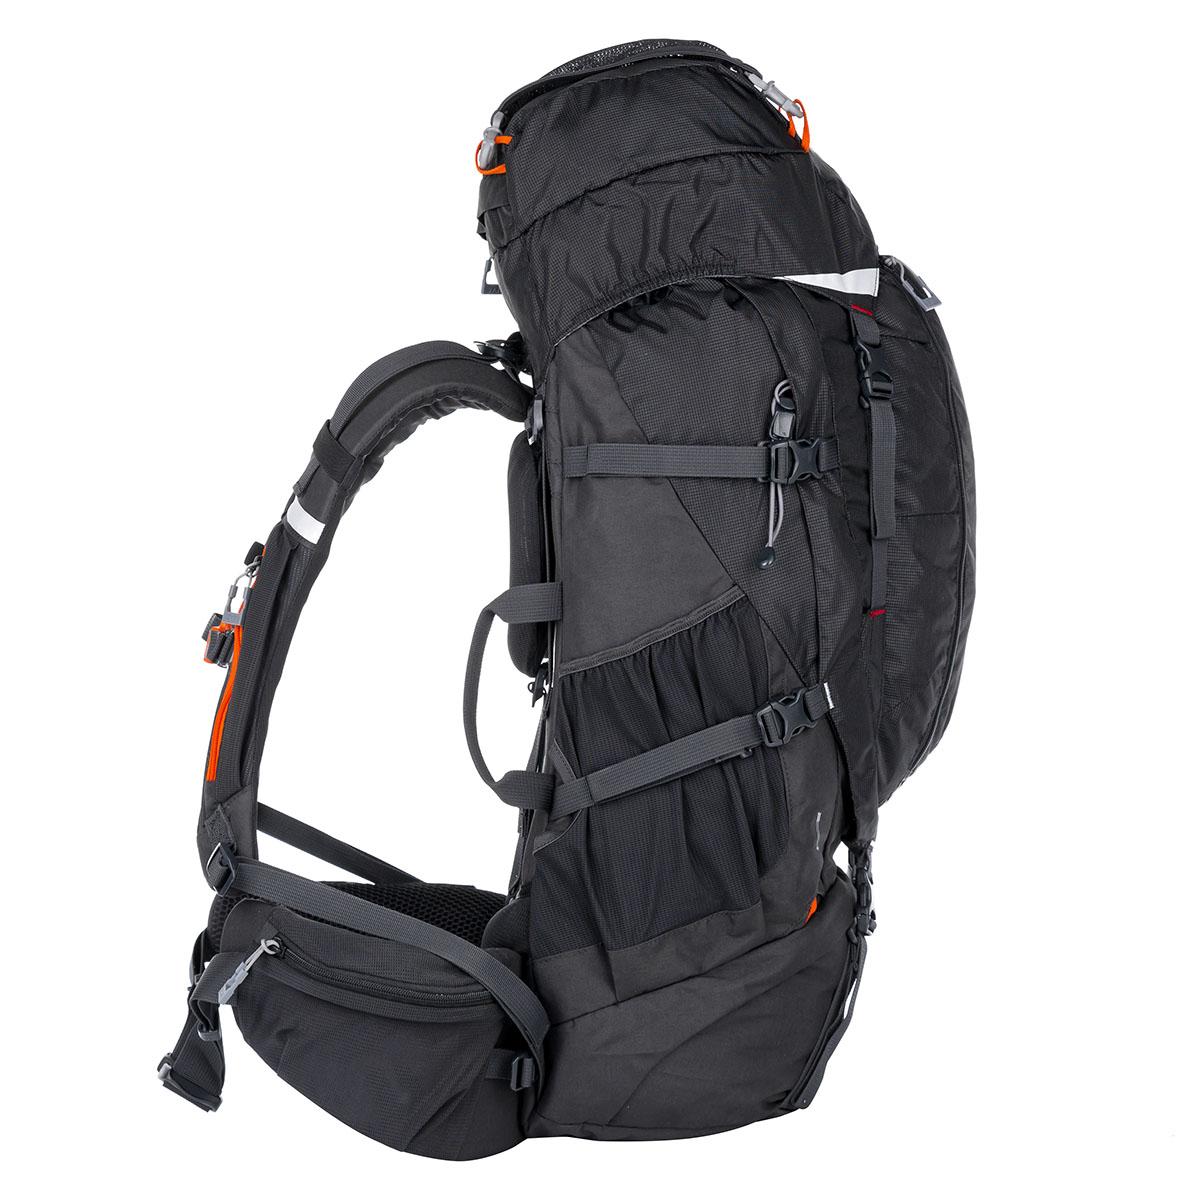 Lhotse 52 Backpack 6